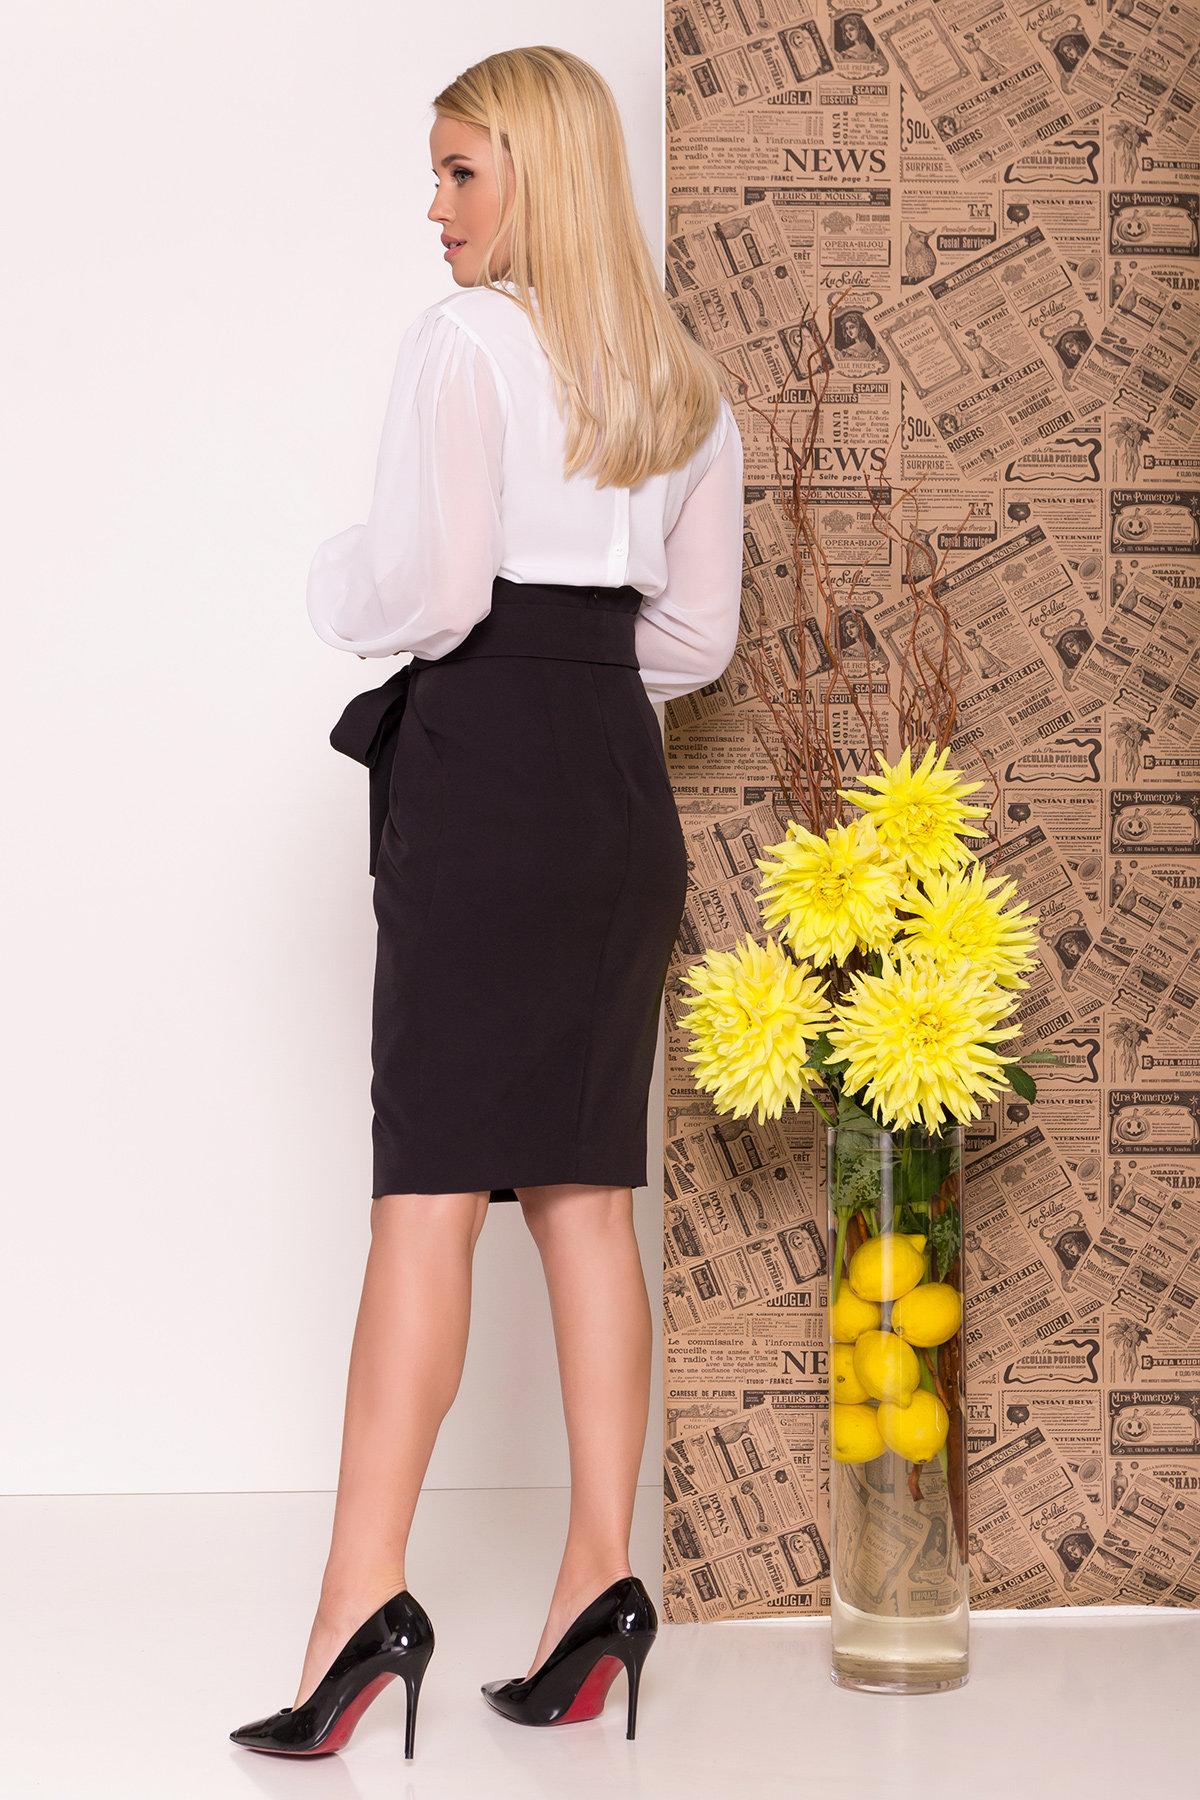 Блуза Сейшил 7746 АРТ. 43641 Цвет: Белый - фото 2, интернет магазин tm-modus.ru